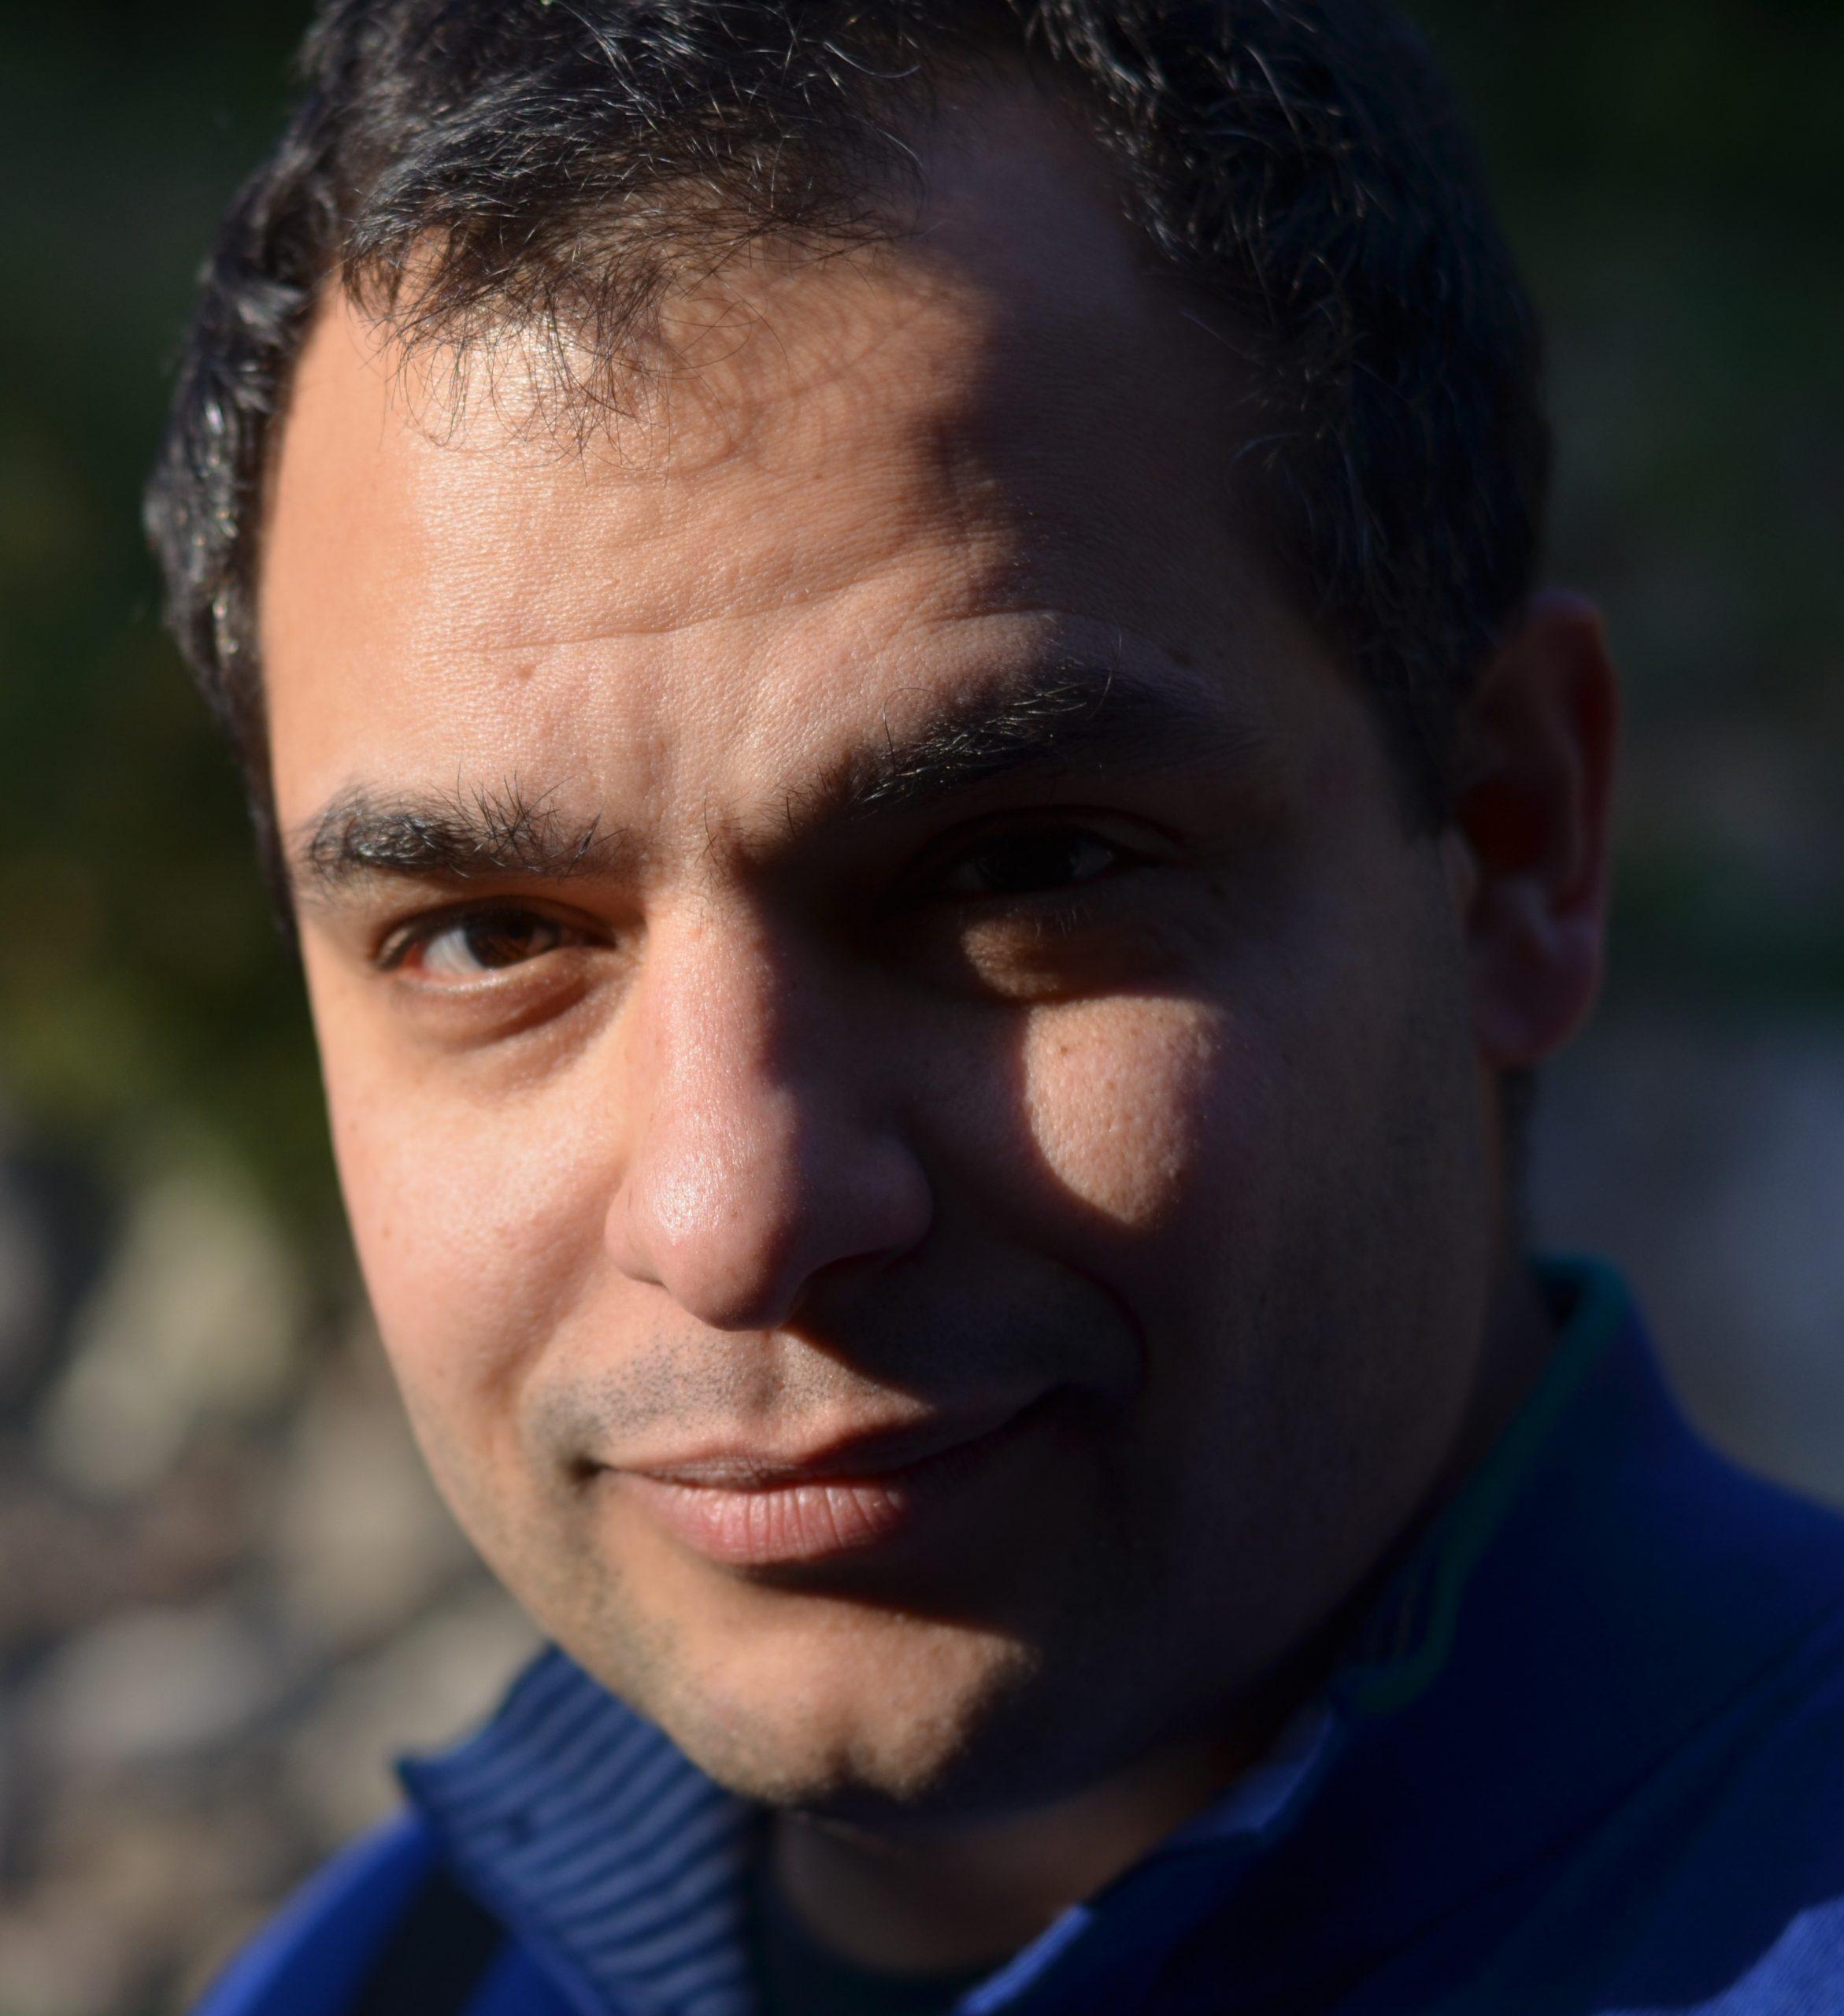 Amirhossein Malekzadeh